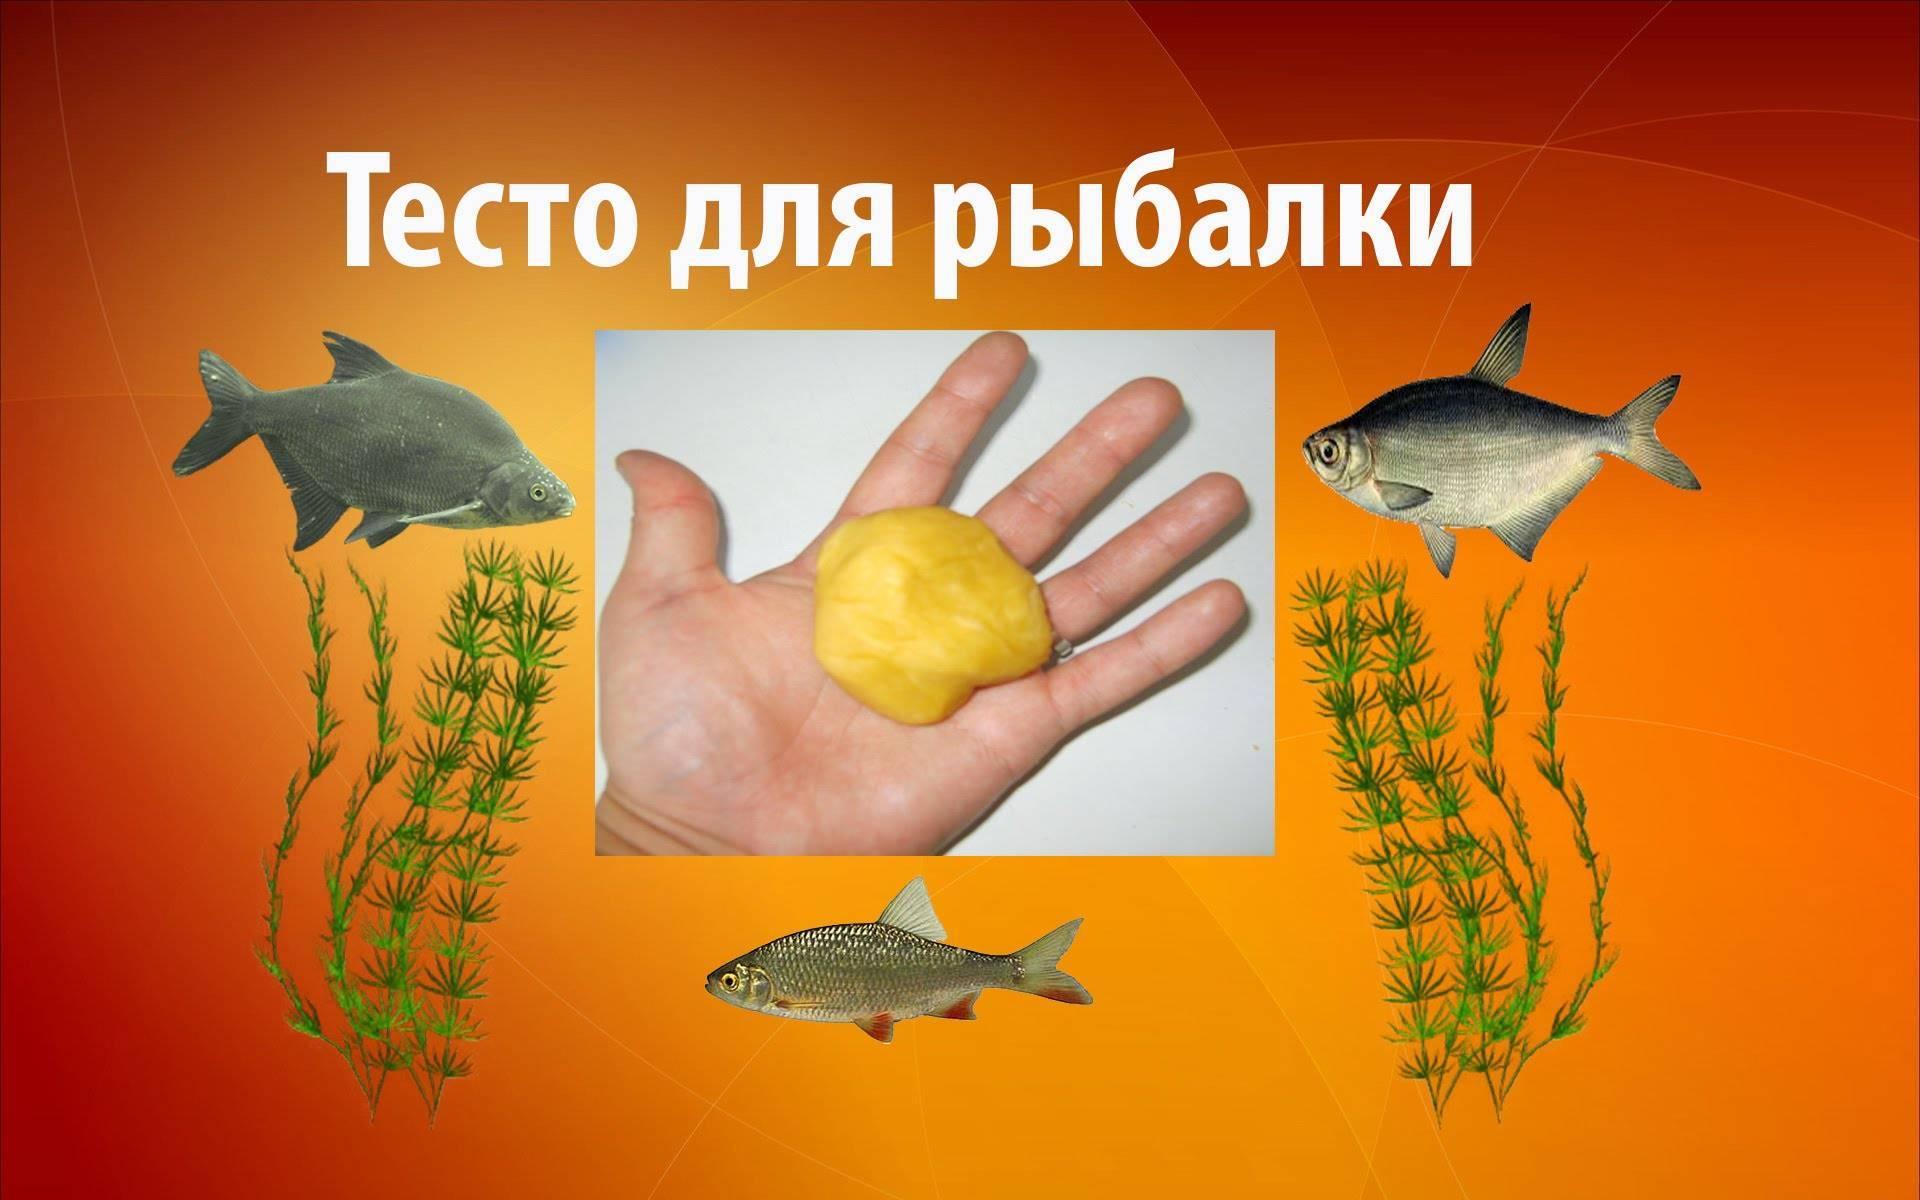 Тесто для рыбалки